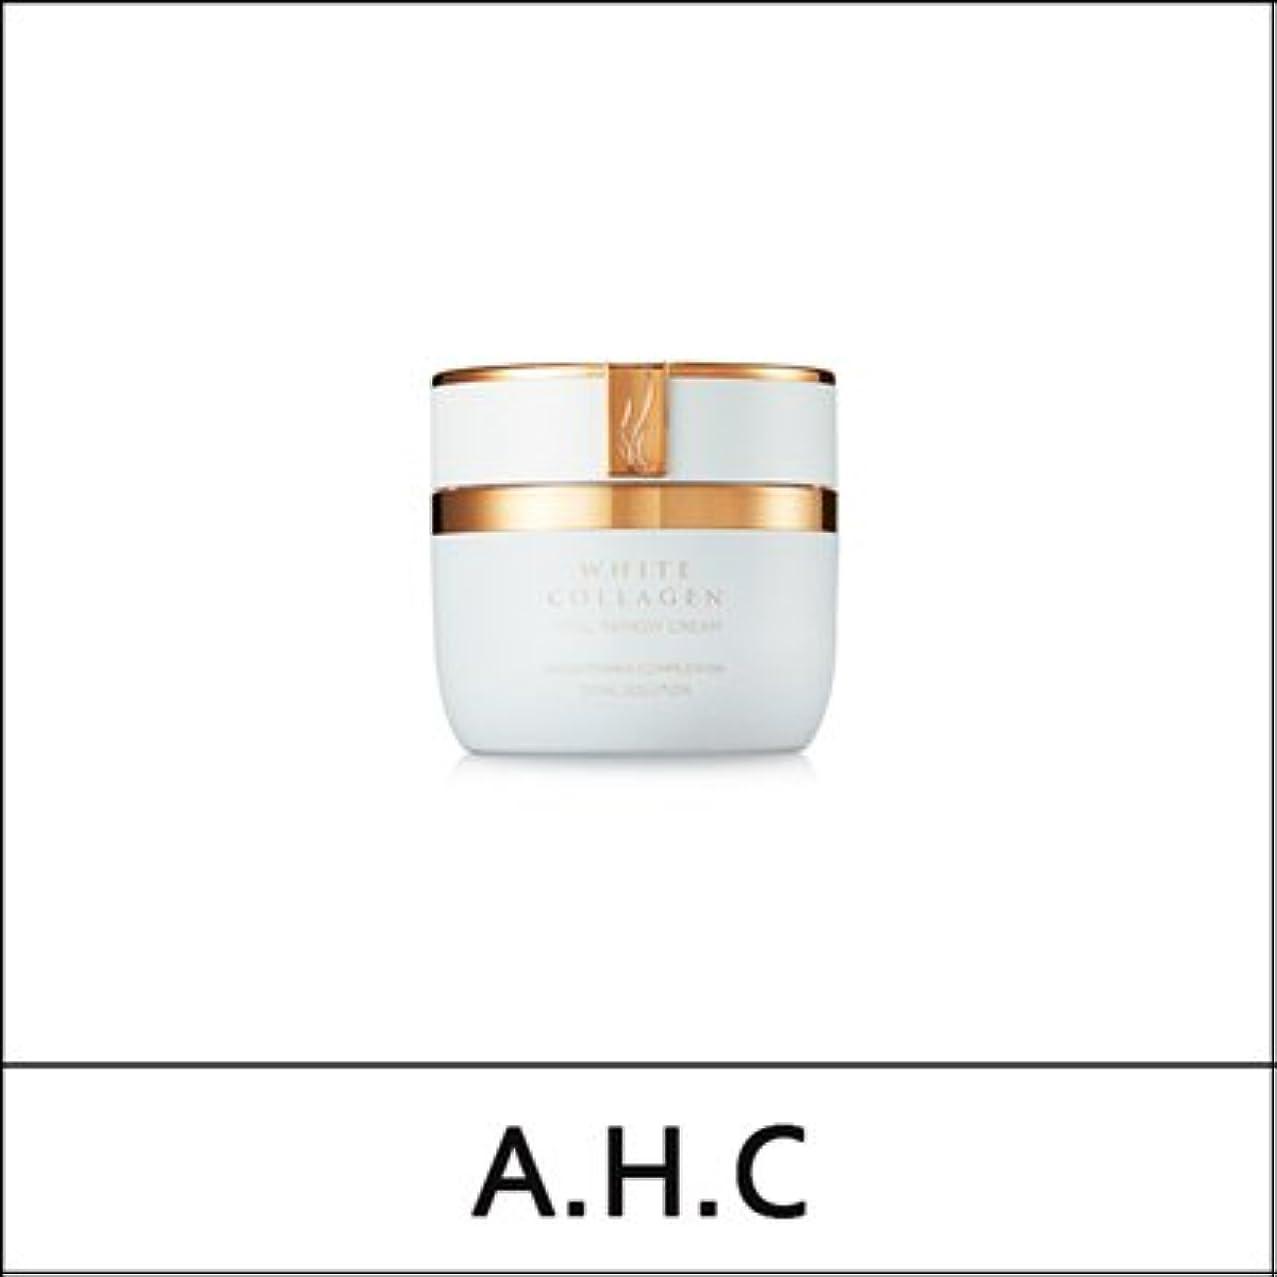 配管工立証する前文A.H.C (AHC) White Collagen Total Remedy Cream 50g/A.H.C ホワイト コラーゲン トータル レミディ クリーム 50g [並行輸入品]